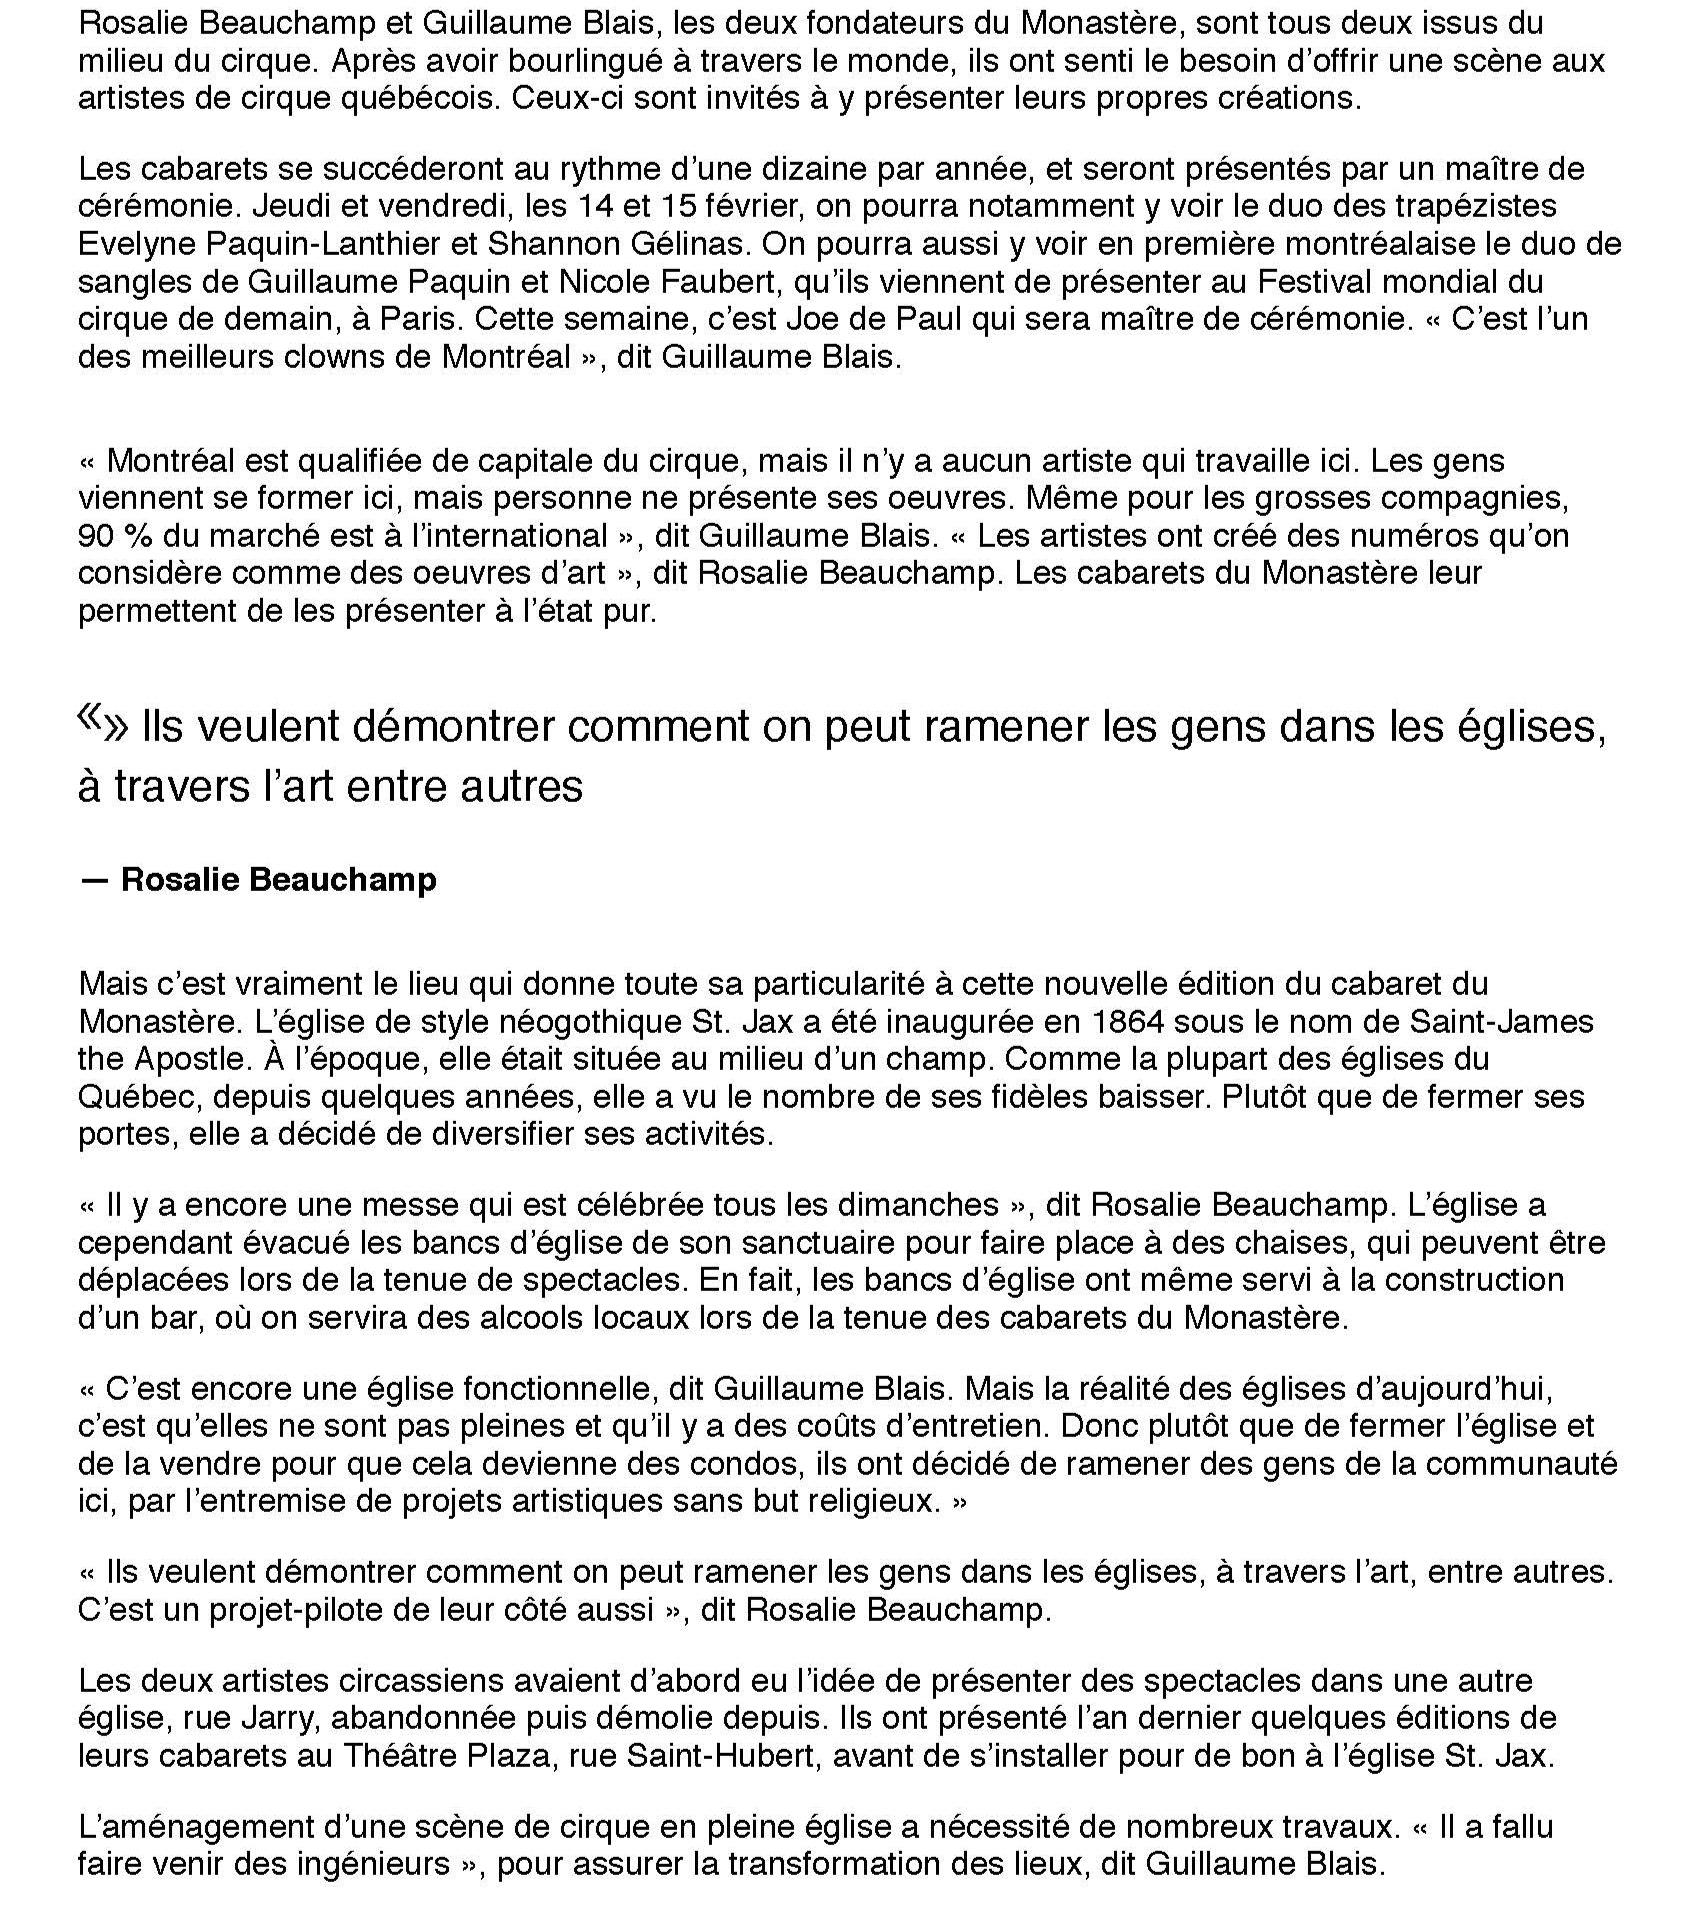 Le+Monast%C3%A8re+ouvre+un+cabaret+de+cirque+dans+une+%C3%A9glise+_+Le+Devoir--2019-02-14_Page_2.jpg